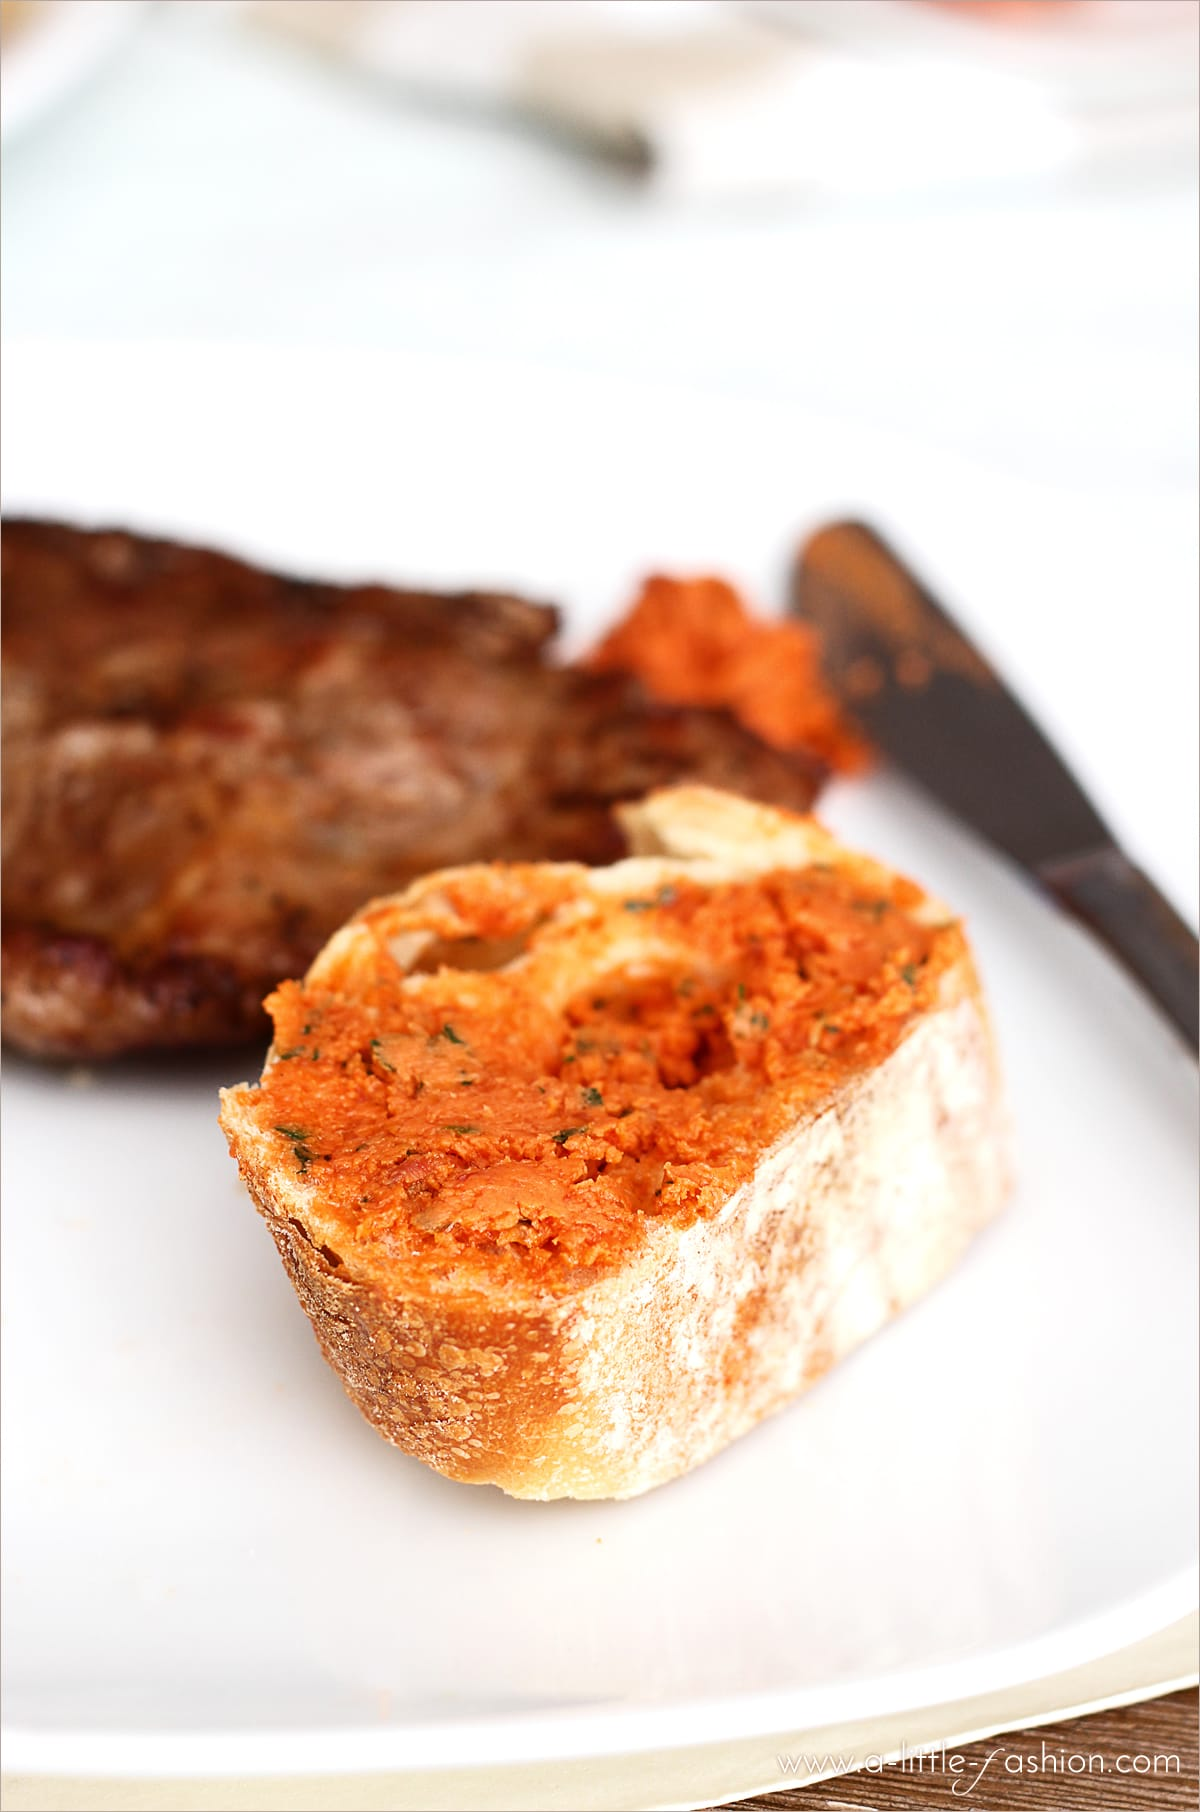 food_kochzauber-grillbox_entspannt-geniessen_kochbox_grill-menu6-min